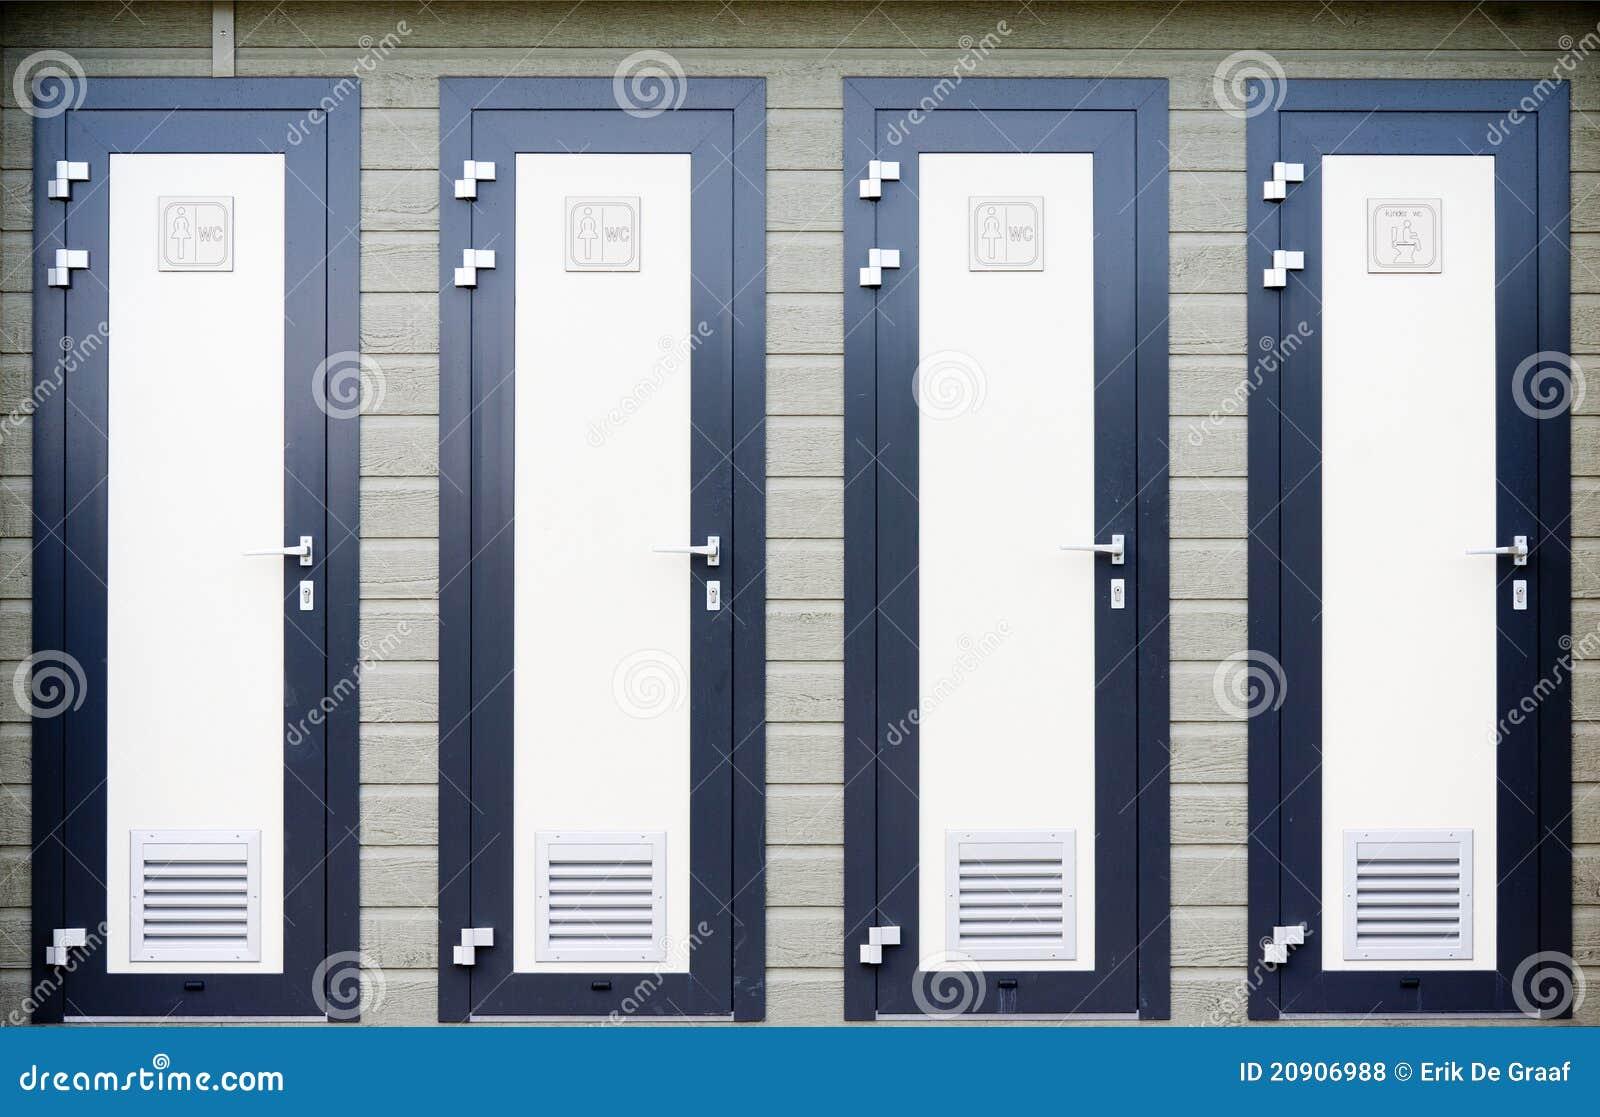 Bathroom Doors unique bathroom doors bed room n with design